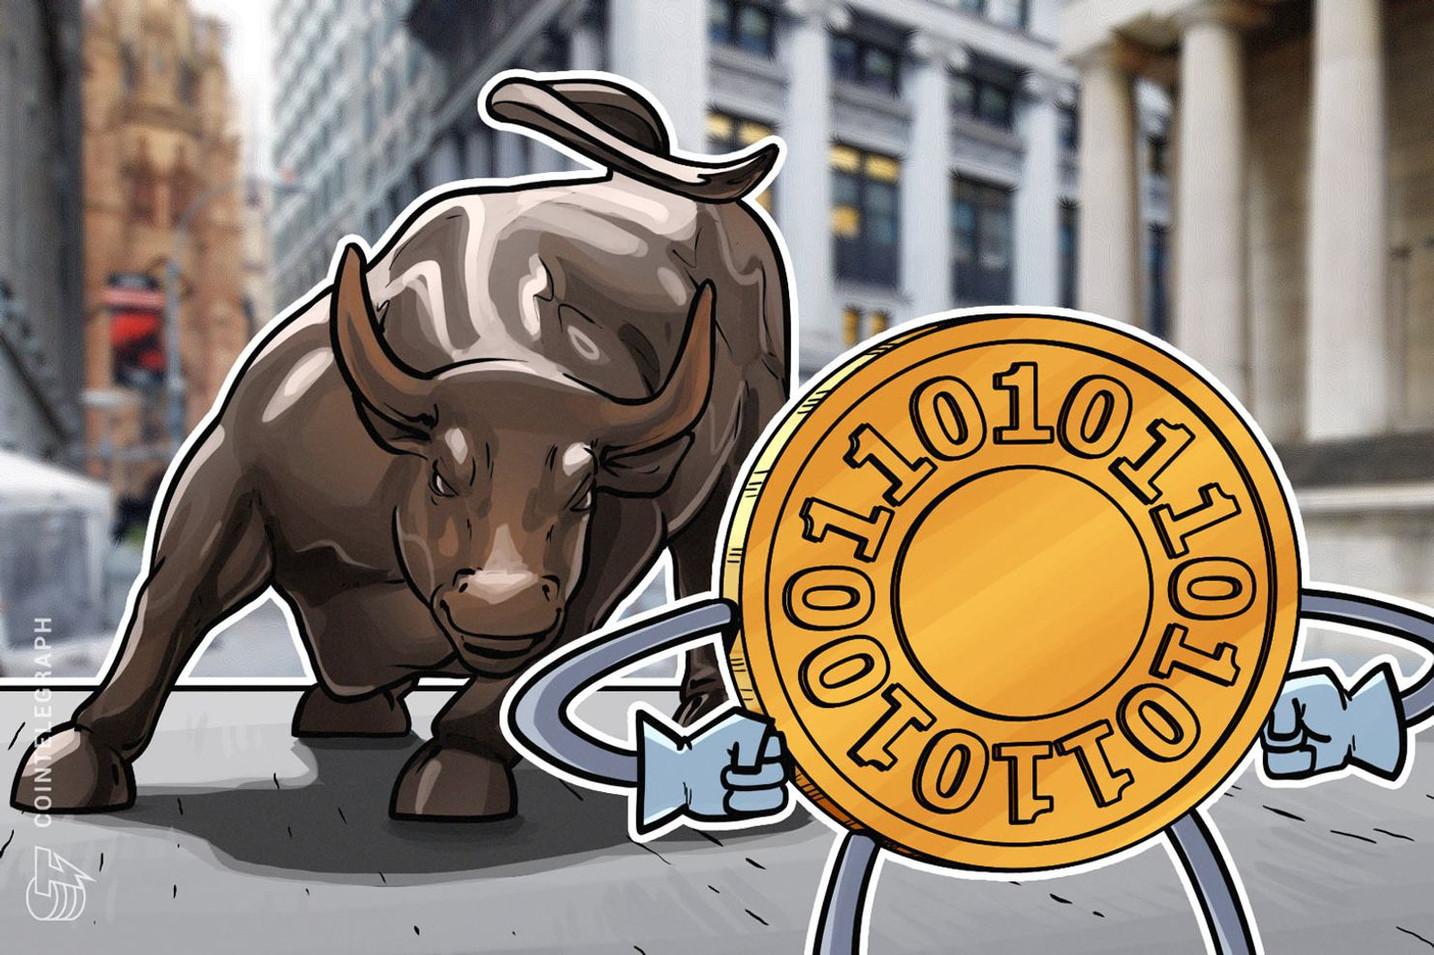 米シティグループ、仮想通貨取引の新手法「デジタル資産証券」を計画